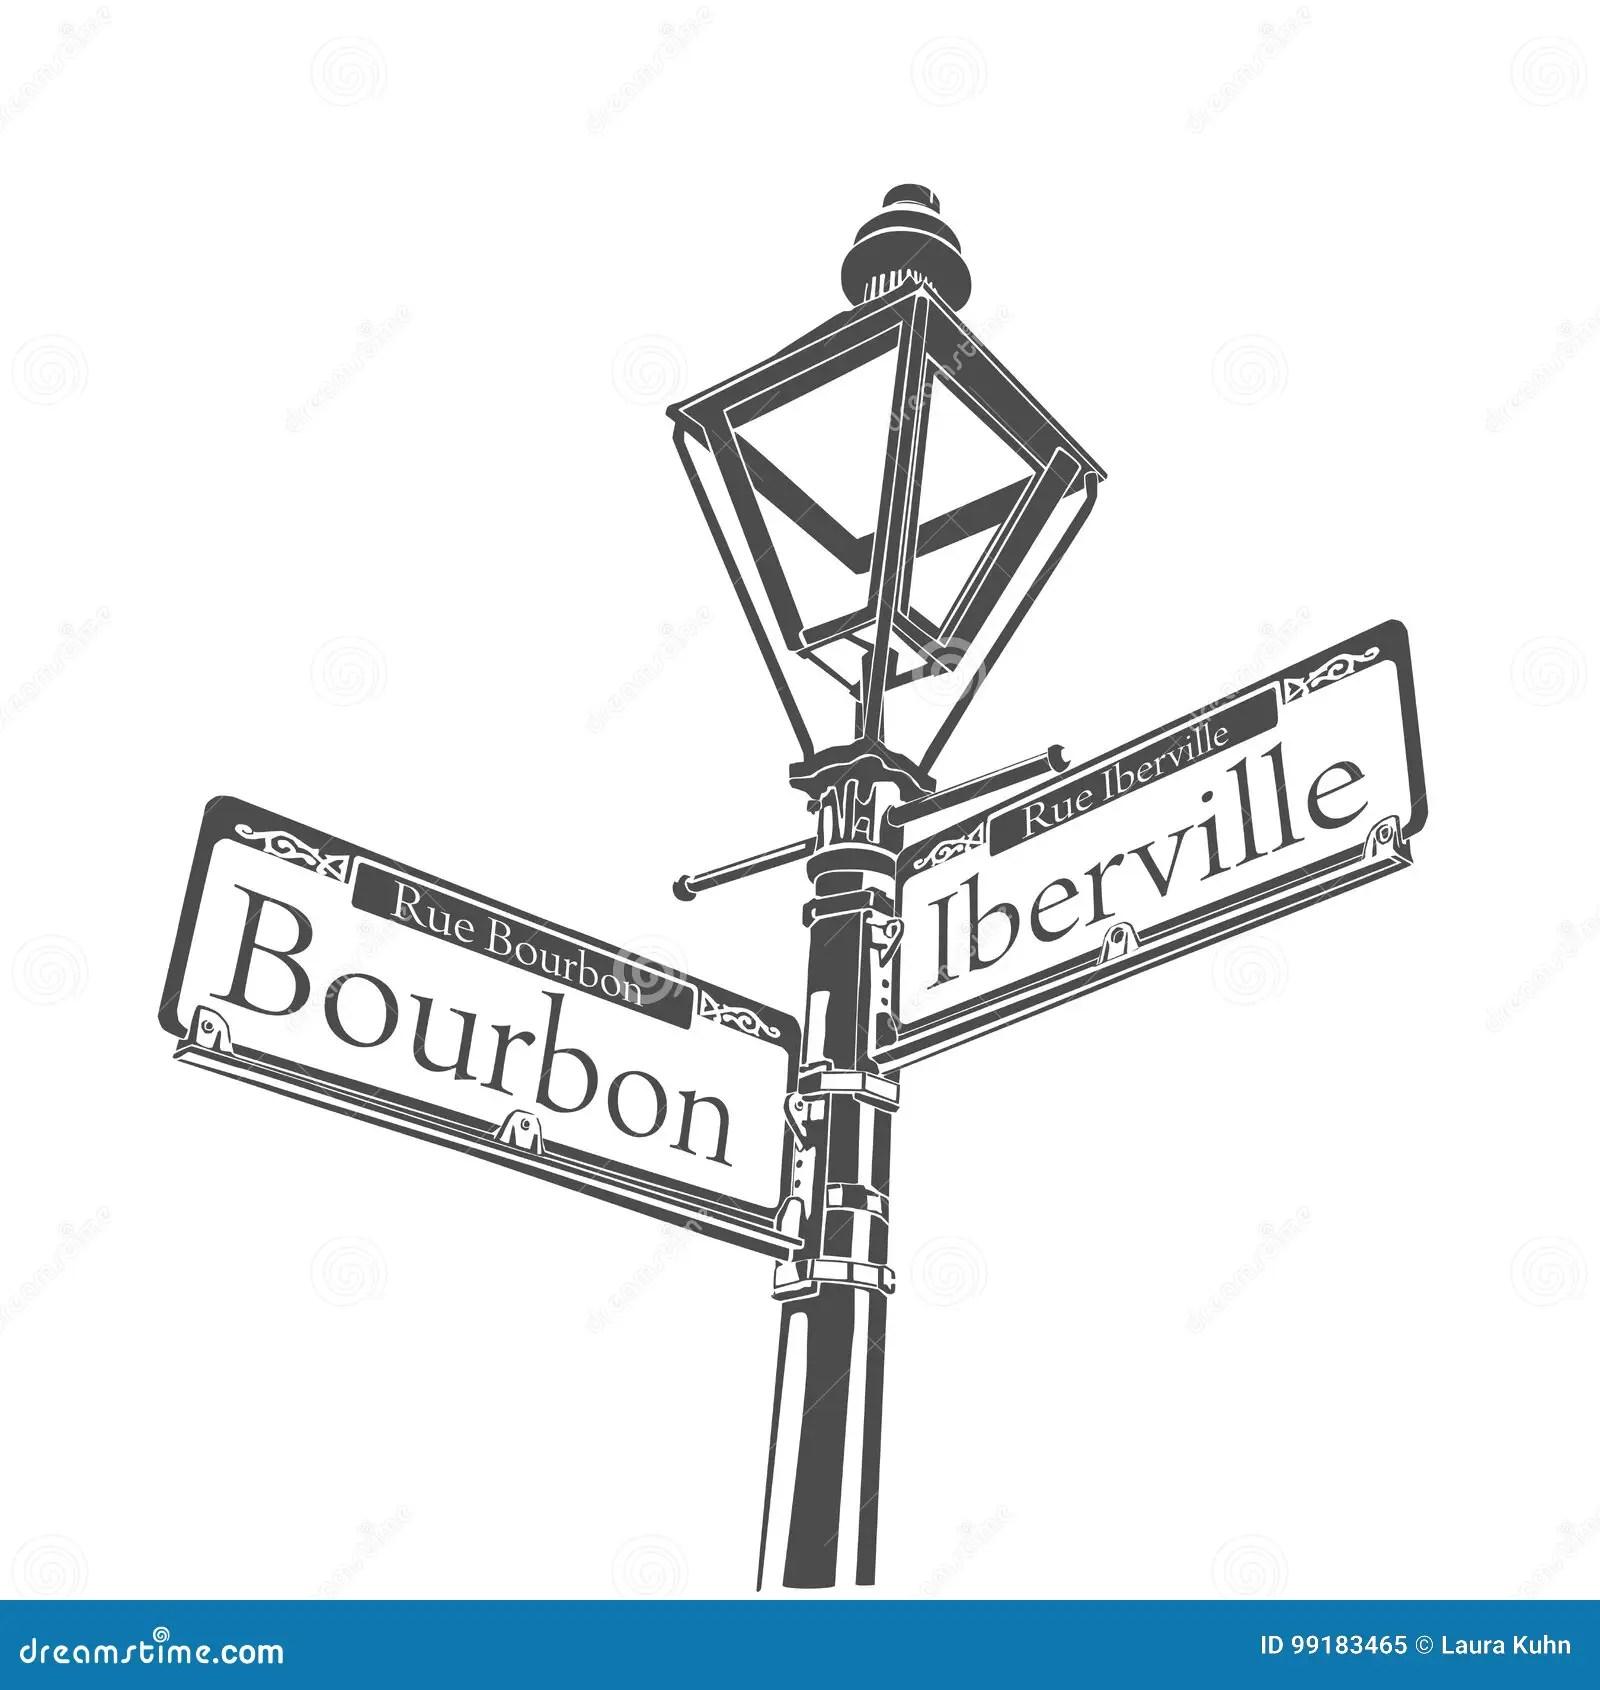 Bourbon Illustrazioni Vettoriali E Clipart Stock 2 611